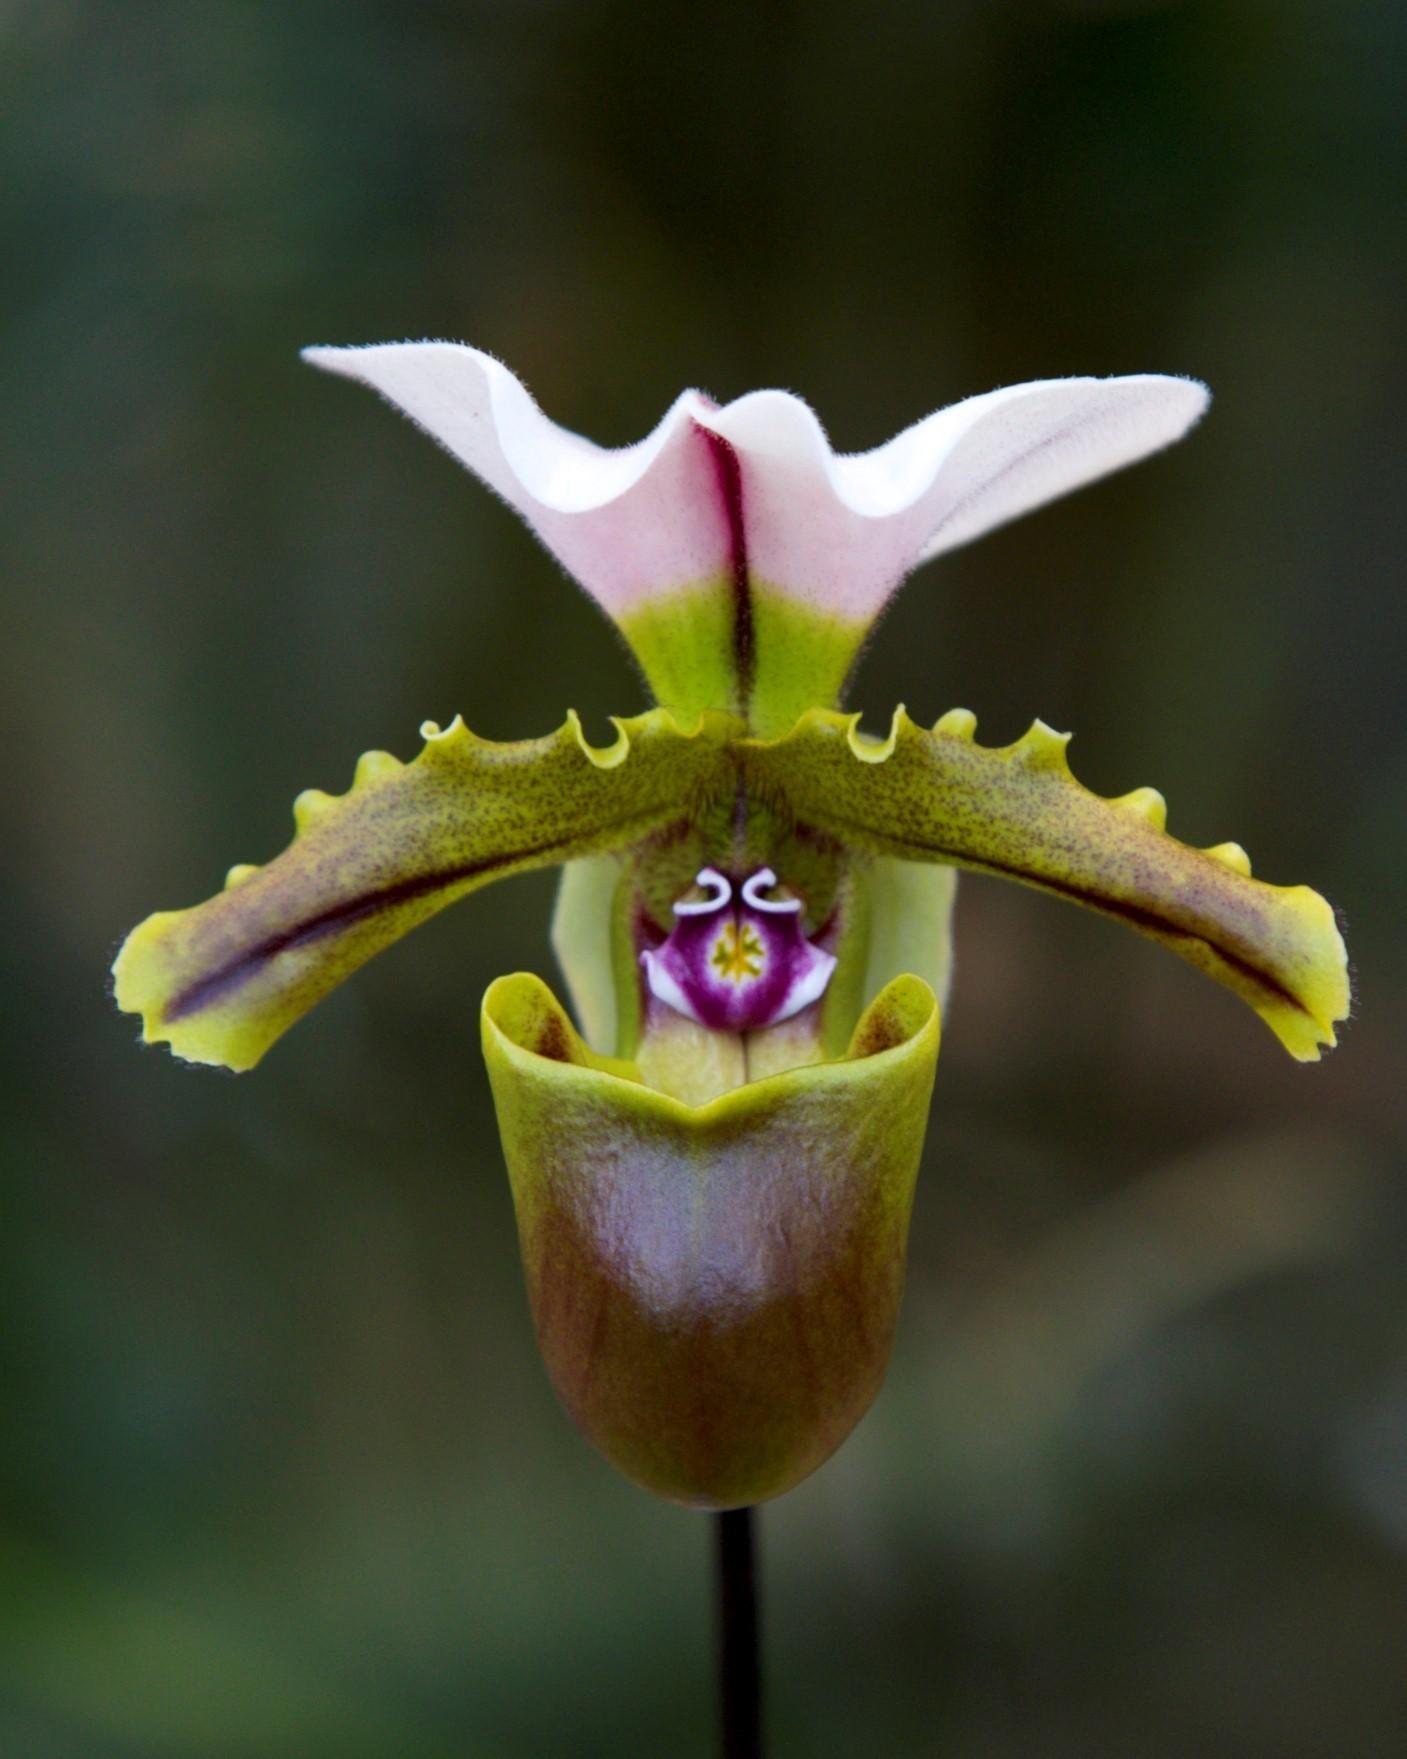 slipper flower Paph. spicerianum